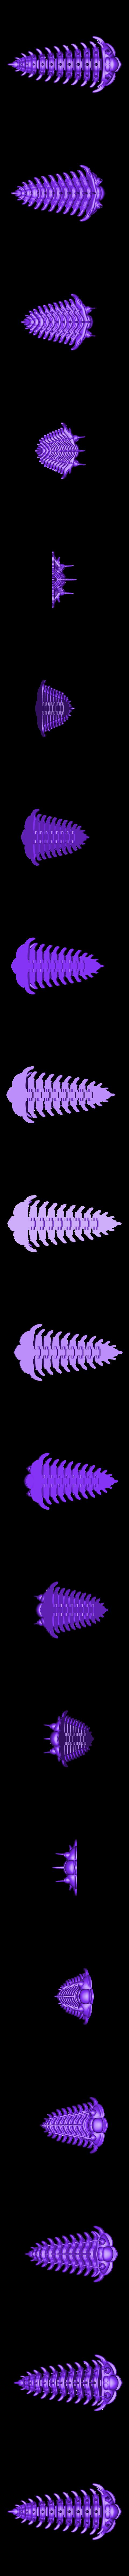 Trilobite_v1_assembled.STL Télécharger fichier STL gratuit Comura Articulatum • Modèle imprimable en 3D, Ogubal3D